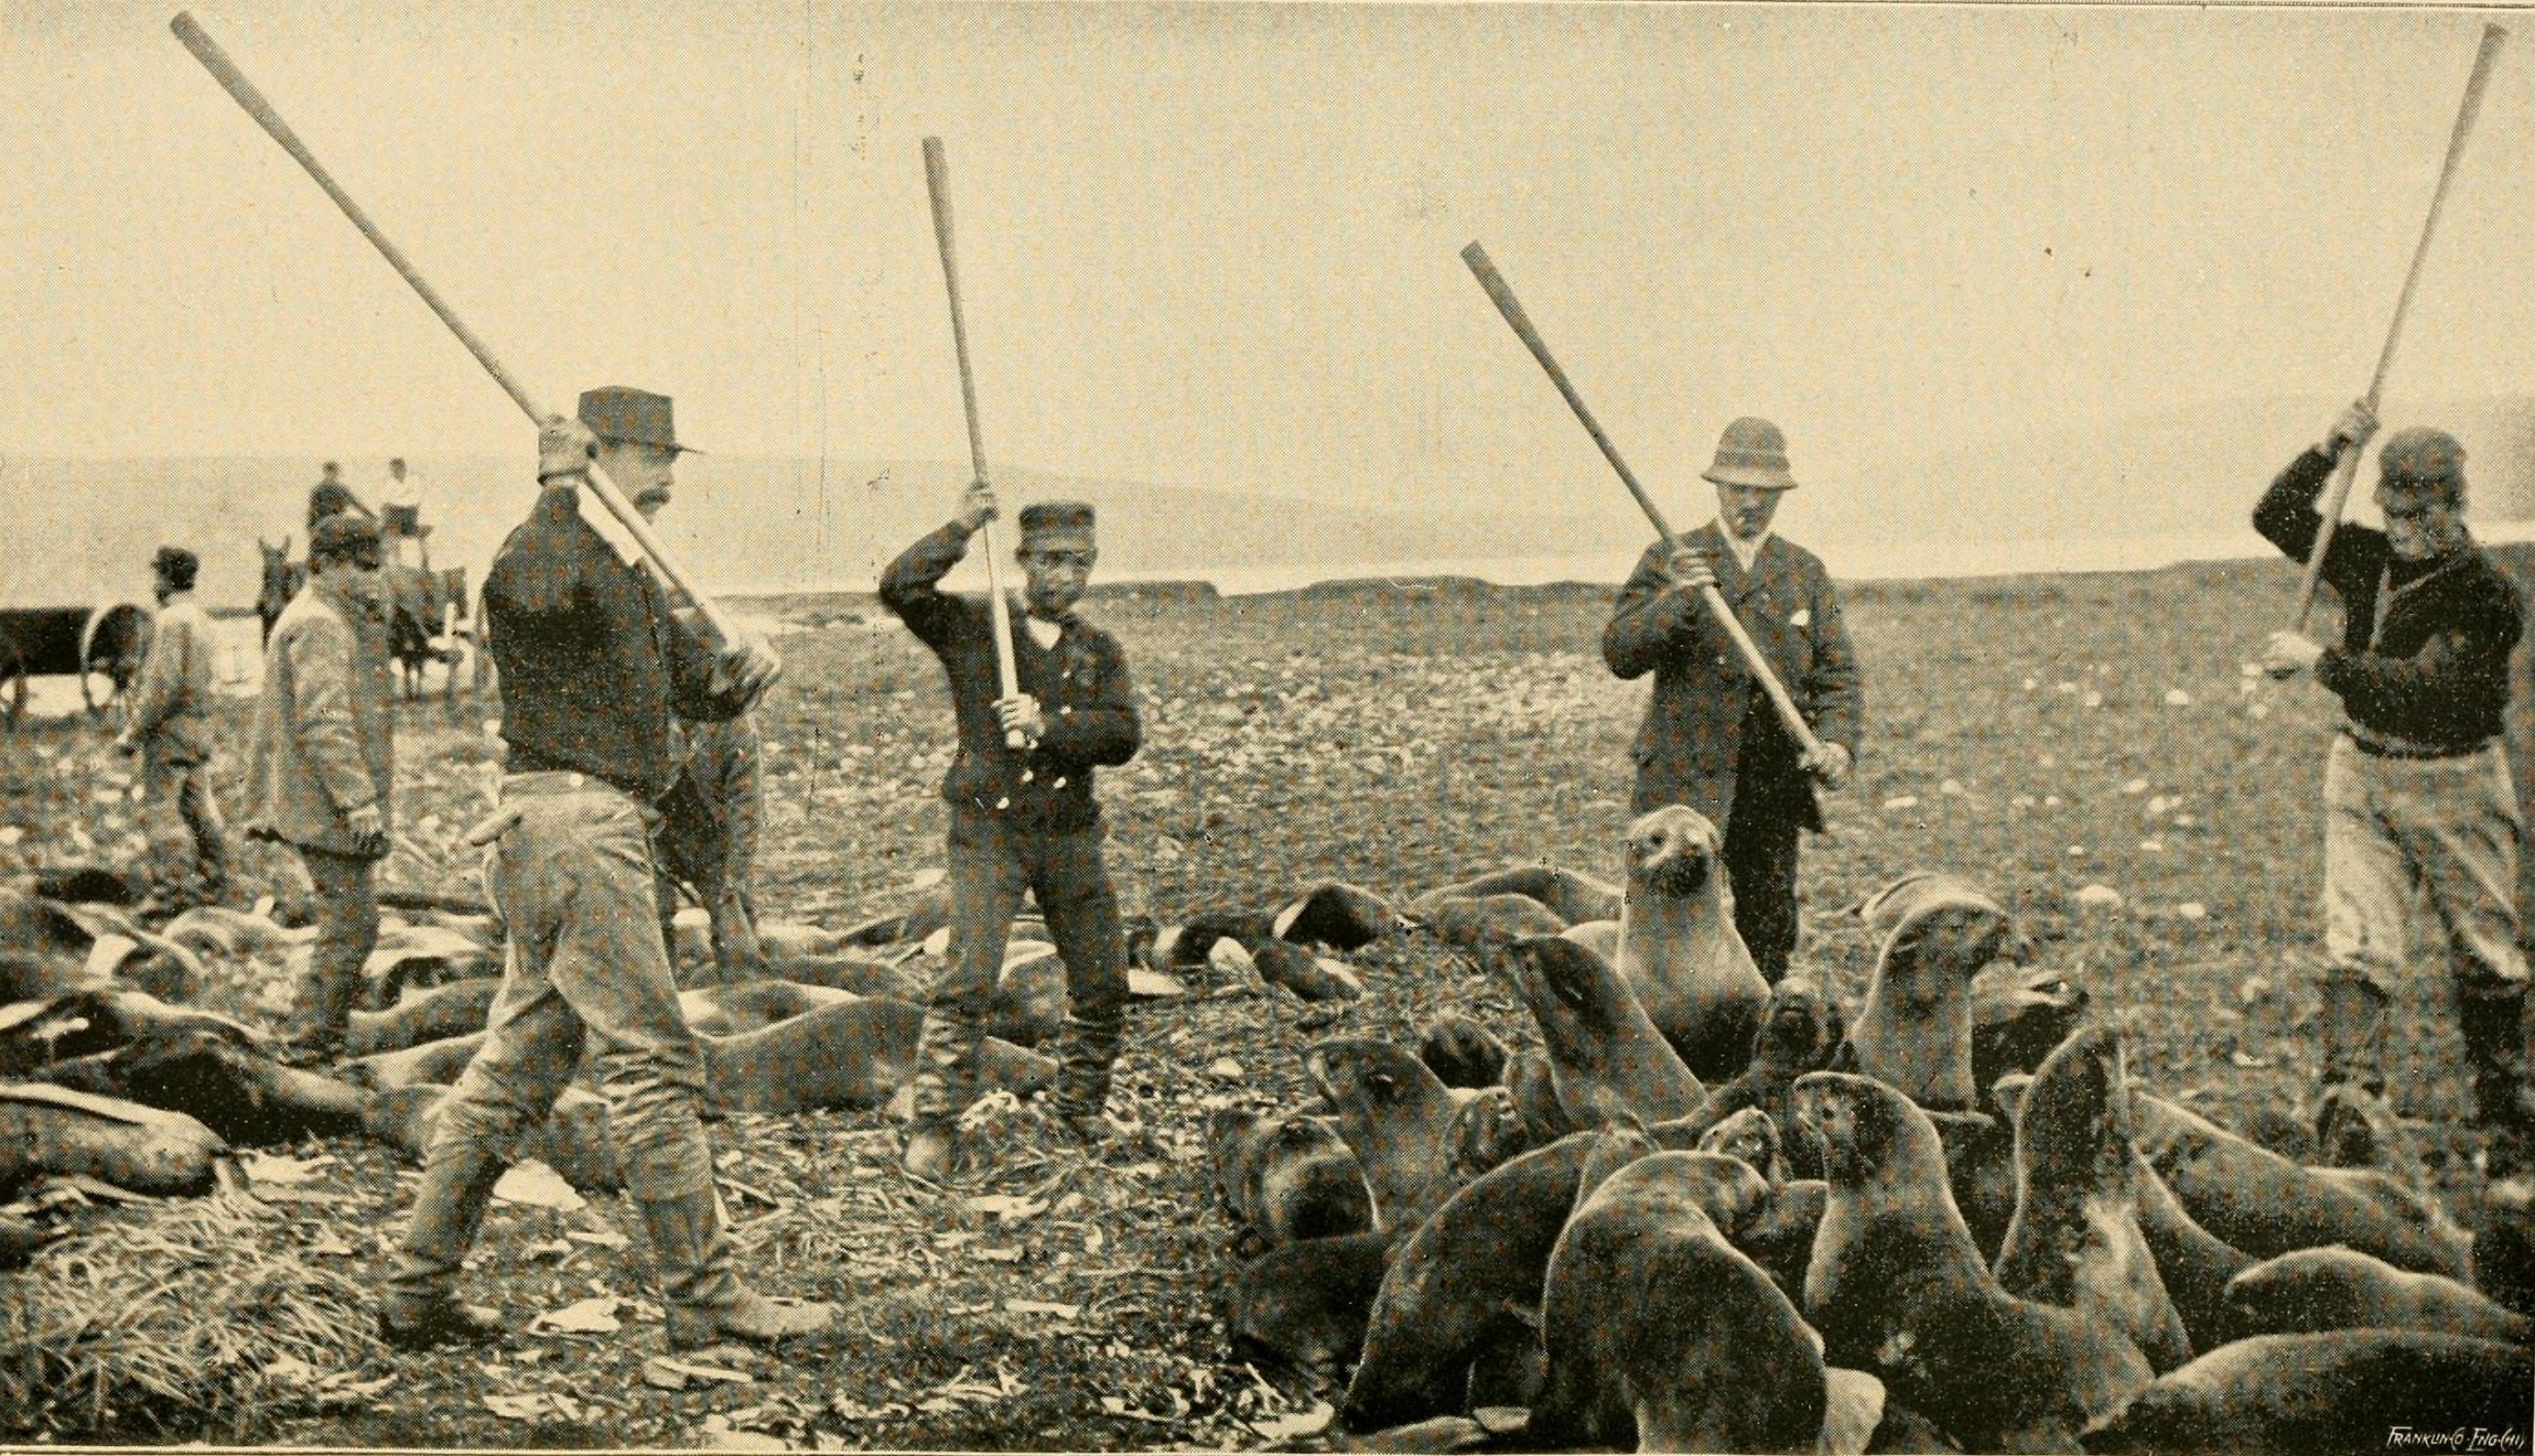 https://upload.wikimedia.org/wikipedia/commons/2/24/Killing_fur_seals,_St_Paul_Island.jpg